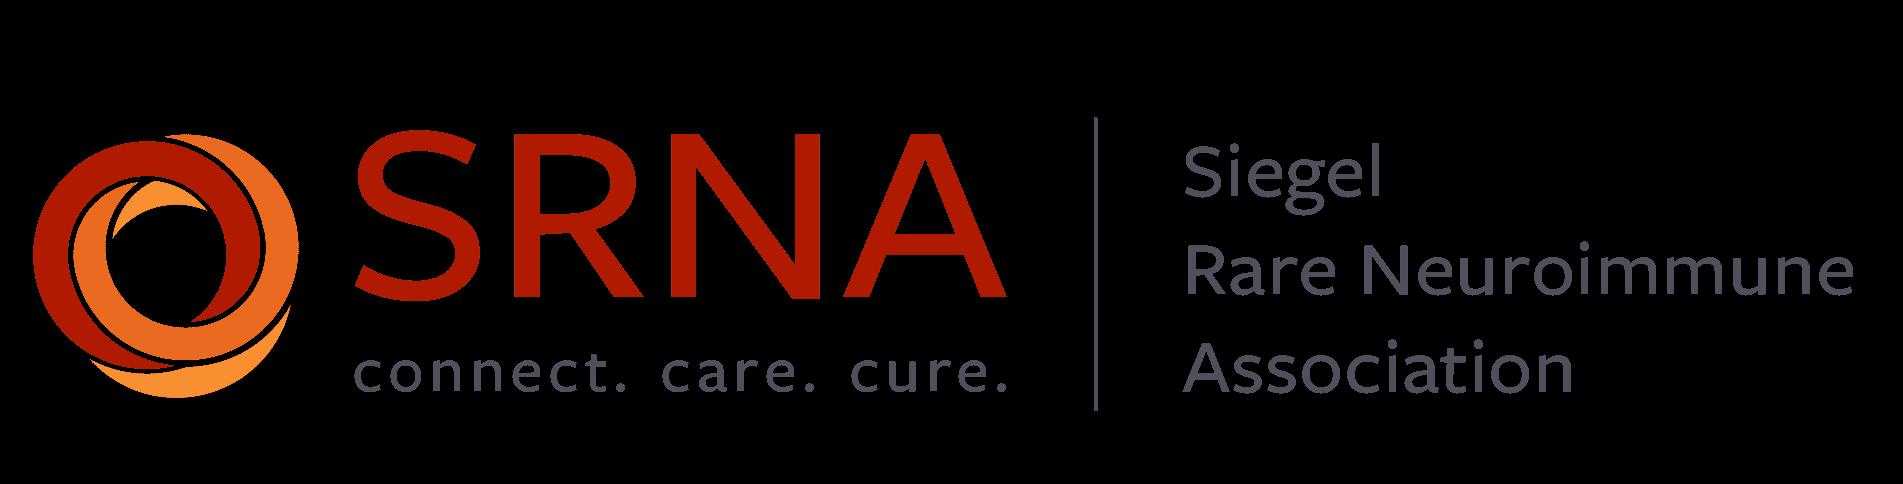 srna-logo